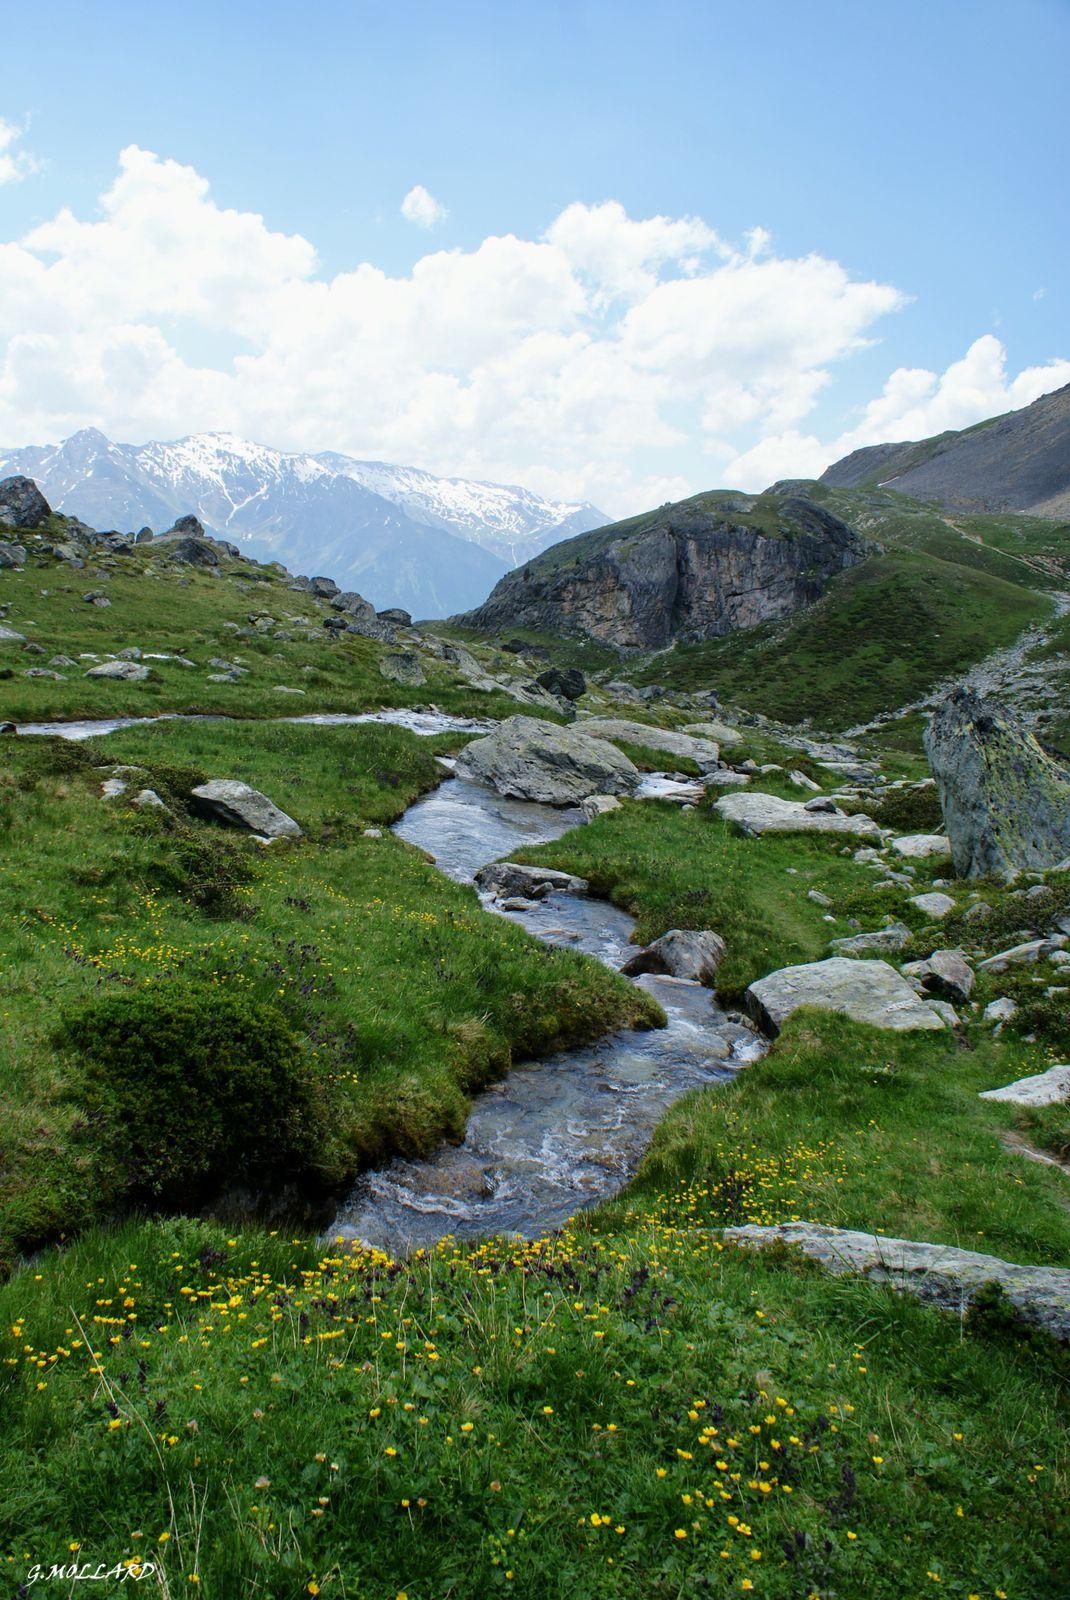 le ruisseau semble fendre l'herbe et les roches.